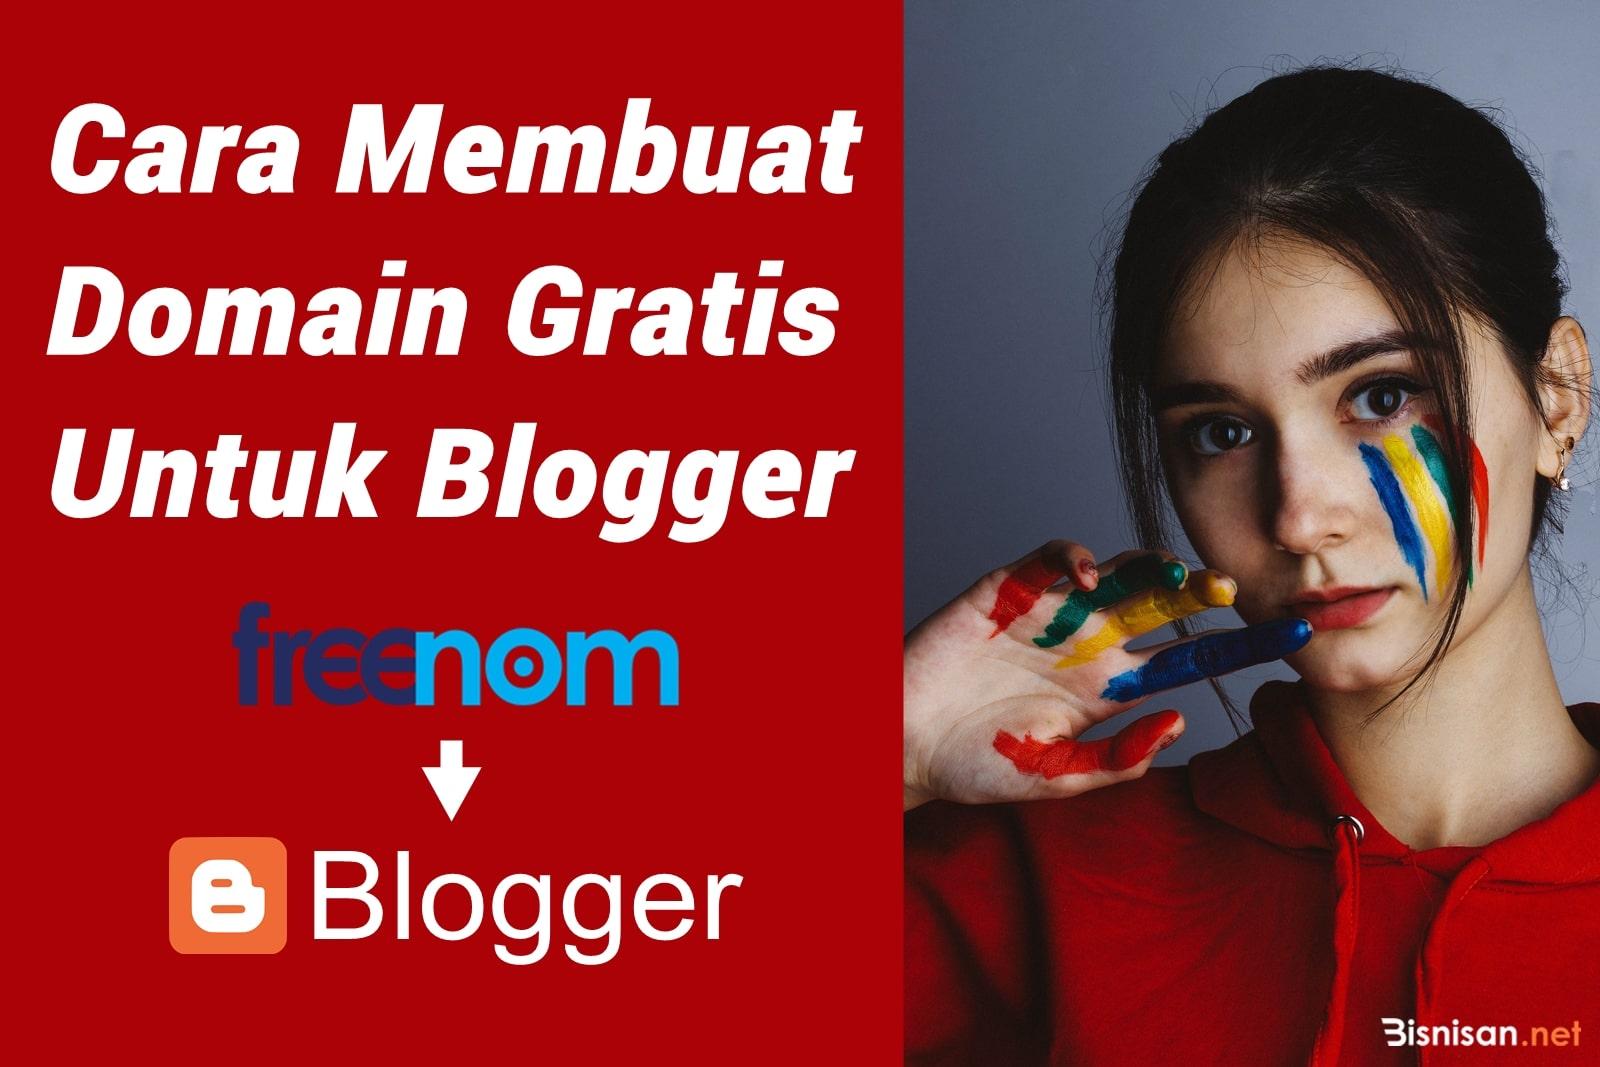 cara membuat domain gratis untuk blogger